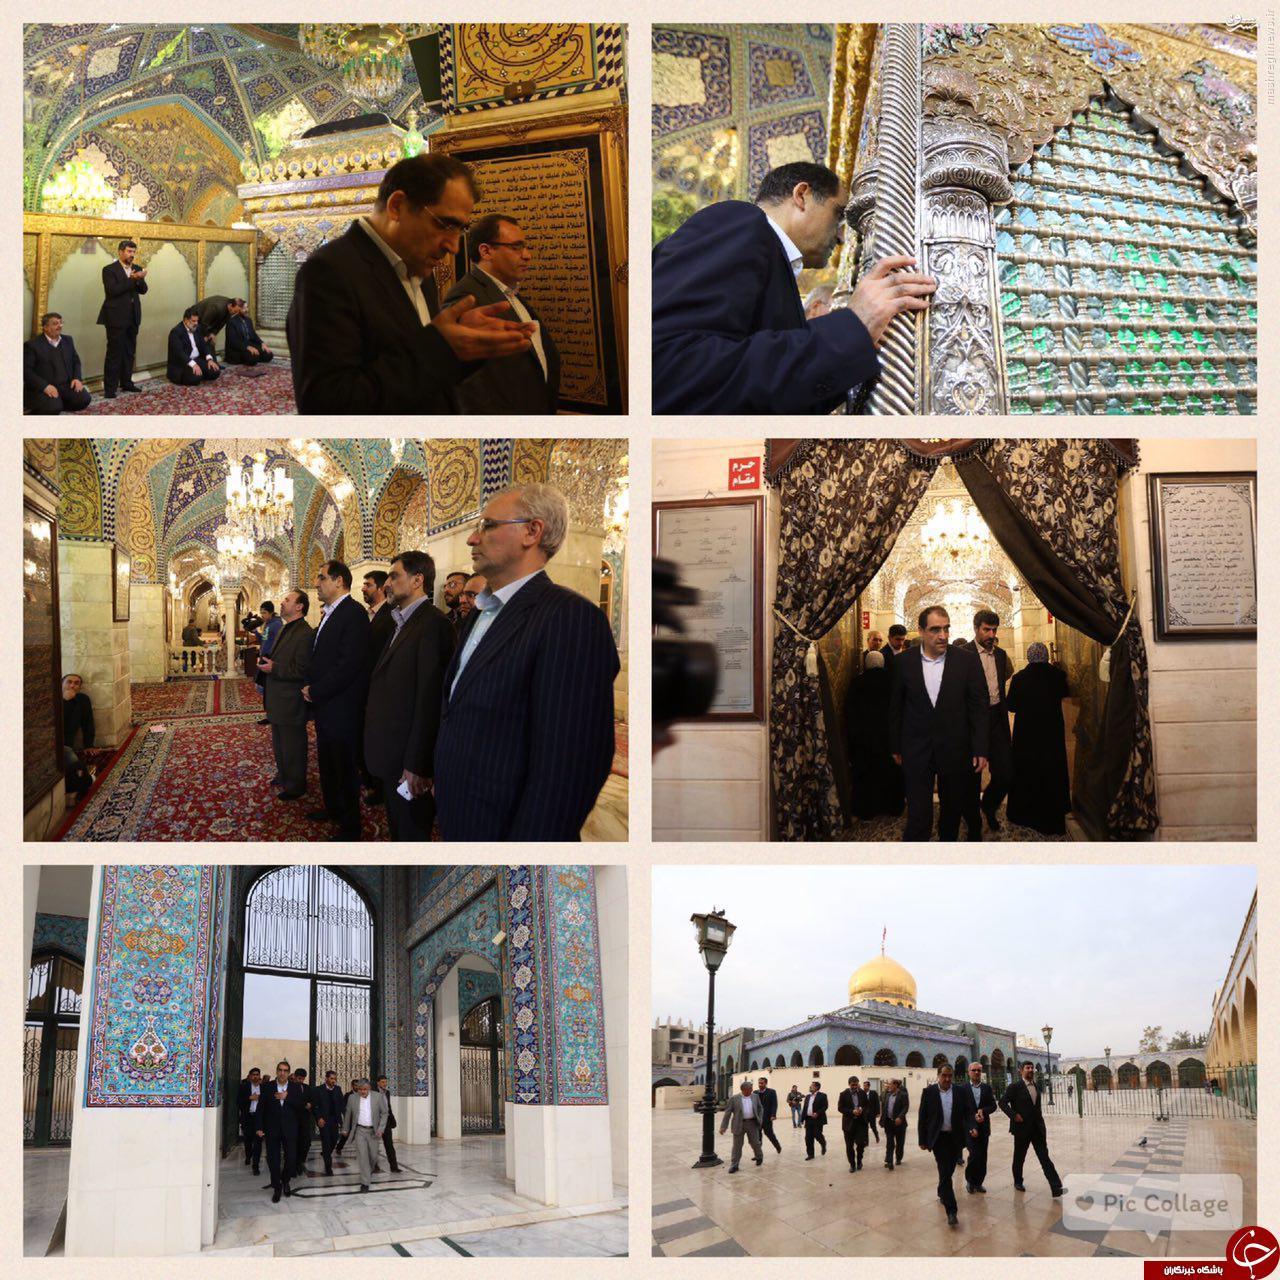 وزیر بهداشت در حرم حضرت زینب و رقیه (س)+ عکسوزیر بهداشت شب گذشته از لبنان عازم سوریه شد و به زیارت حرمین حضرت زینب (س) و رقیه (س) رفت.